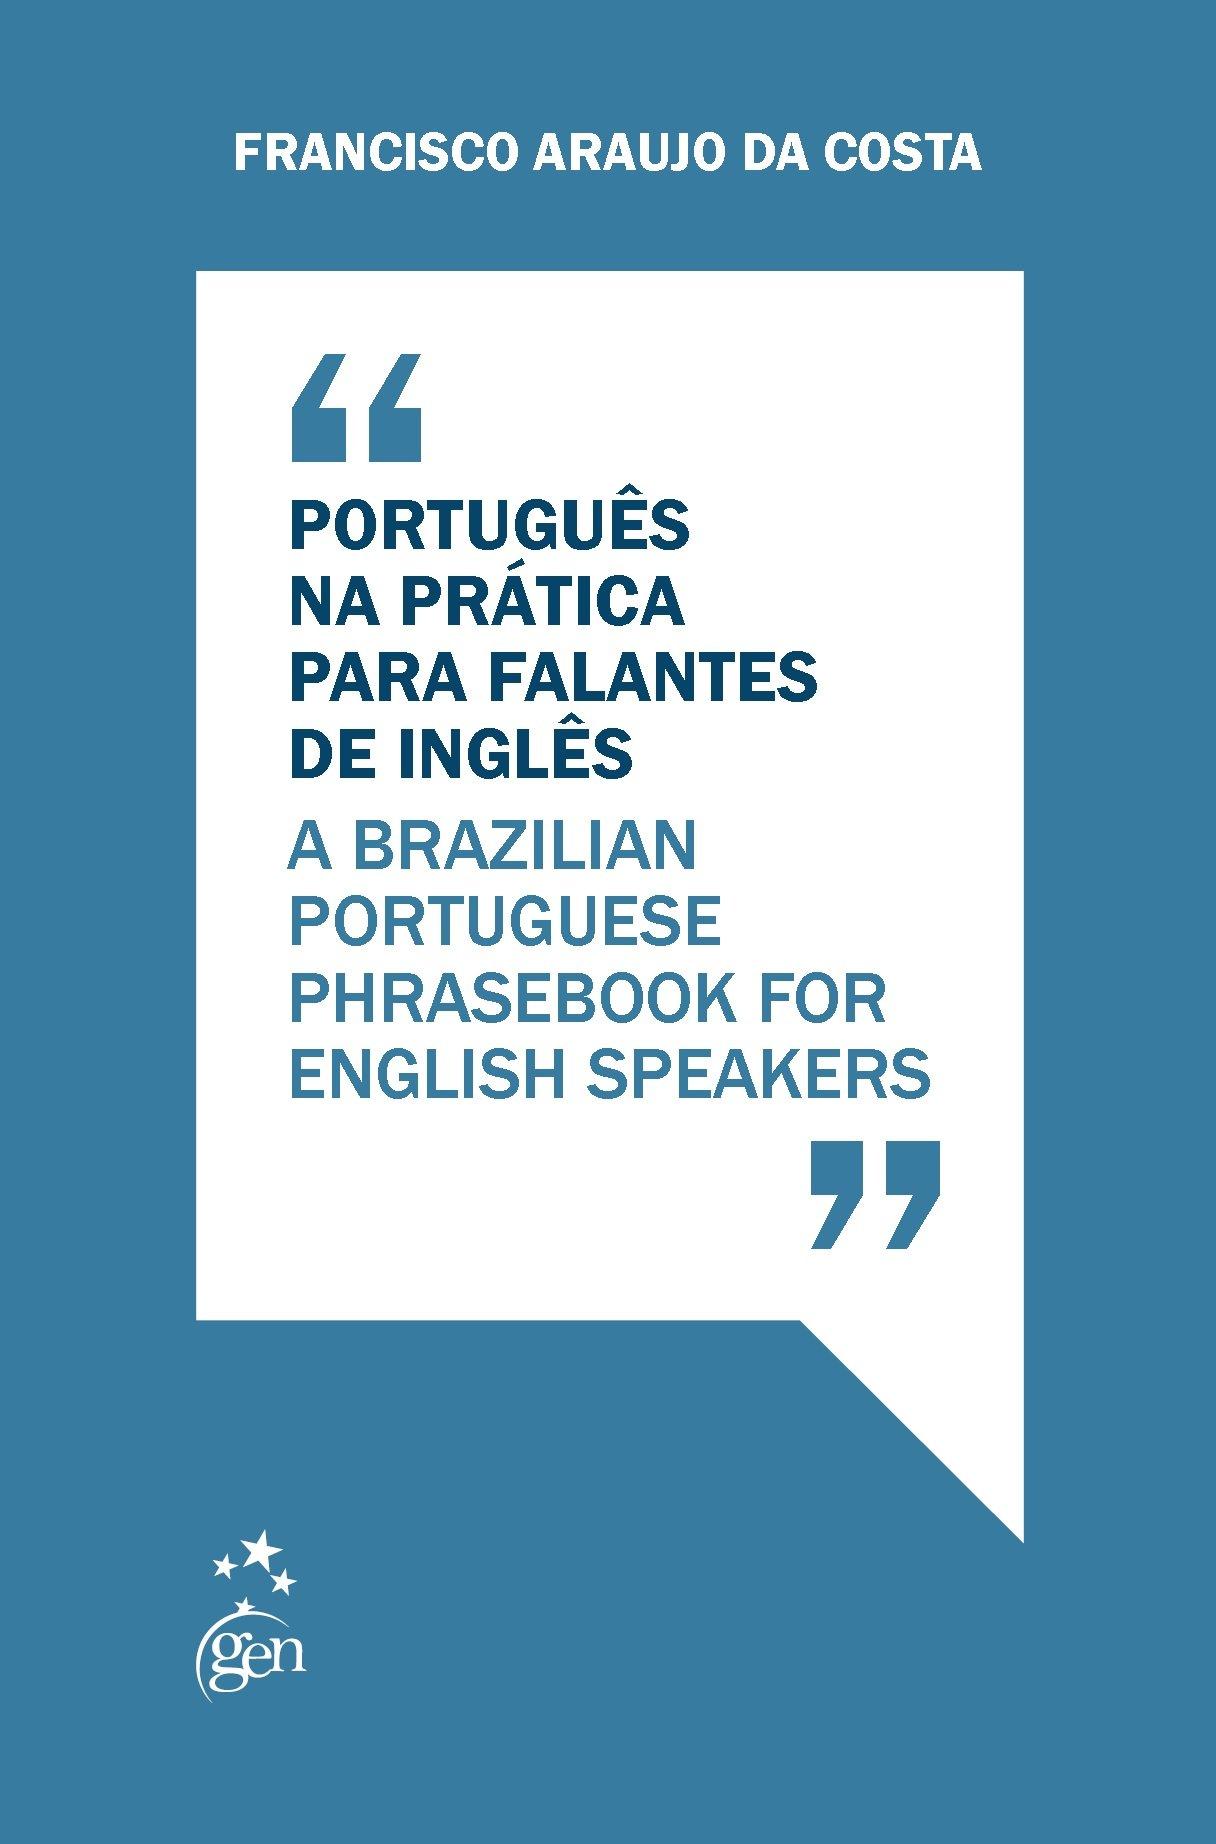 PORTUGUES NA PRATICA PARA FALANTES DE INGLES - A BRAZILIAN PORTUGUESE PHRASEBOOK FOR ENGLISH PEAKERS / COSTA, FRANCISCO ARAUJO DA - ISBN_ 9788521632429